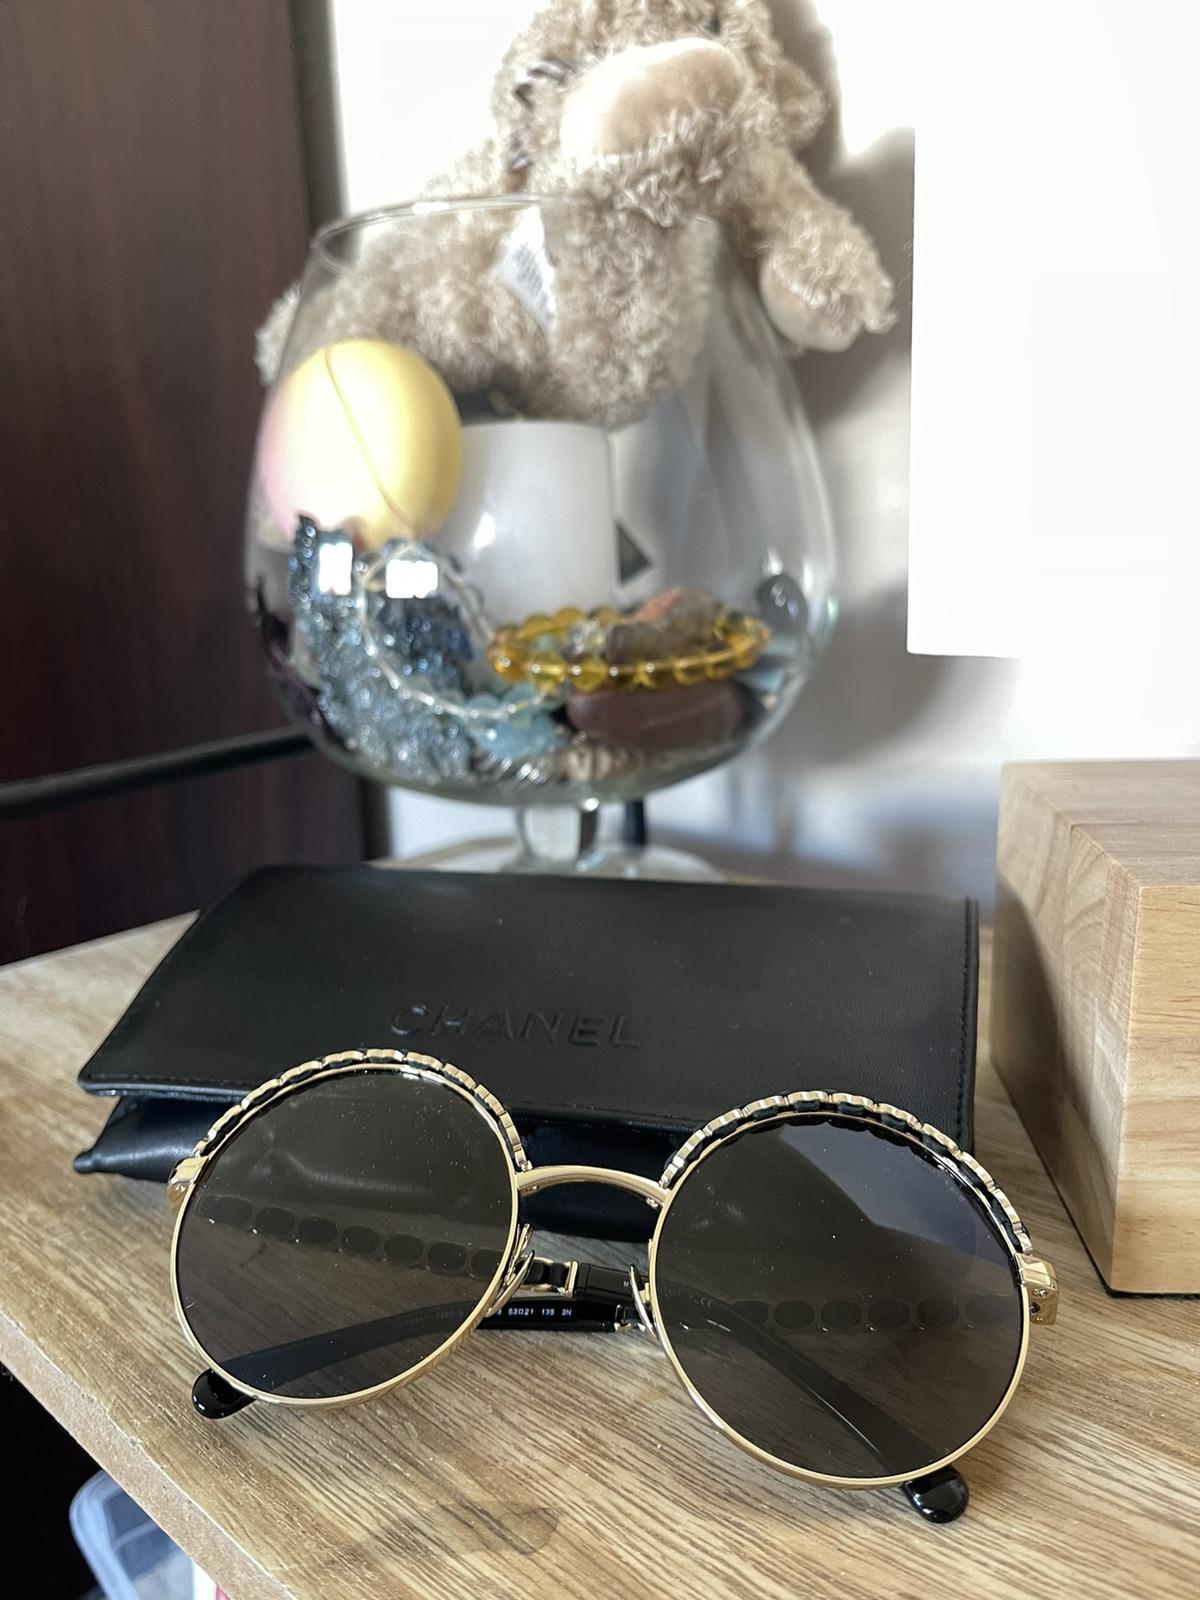 世界上最美好的事莫过于薅羊毛(眼镜/墨镜)